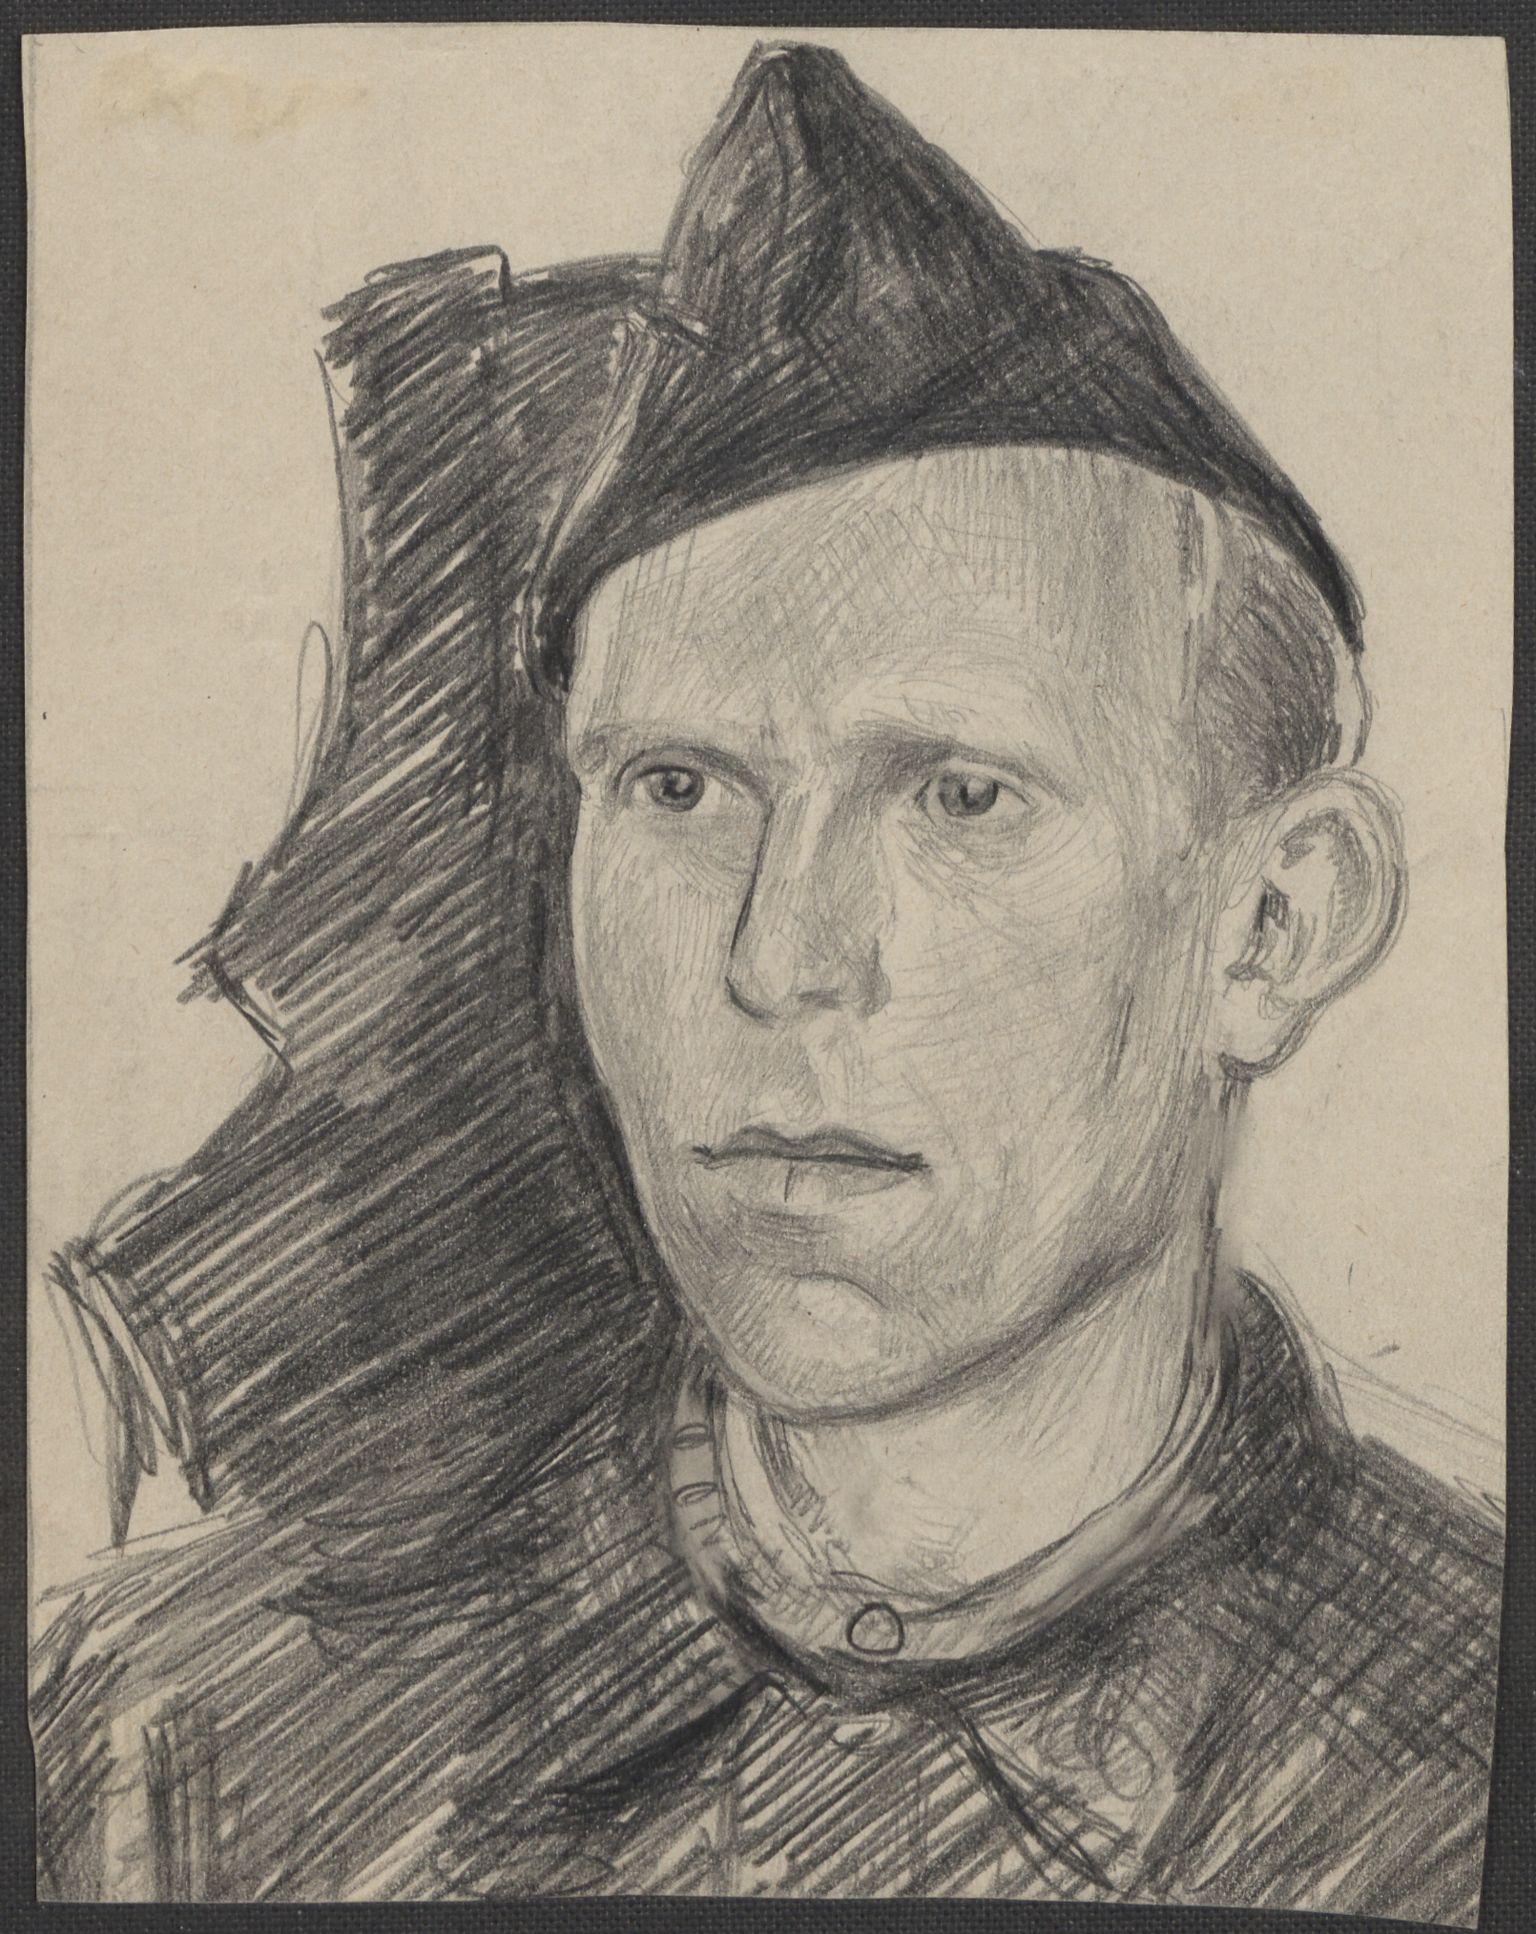 RA, Grøgaard, Joachim, F/L0002: Tegninger og tekster, 1942-1945, s. 55